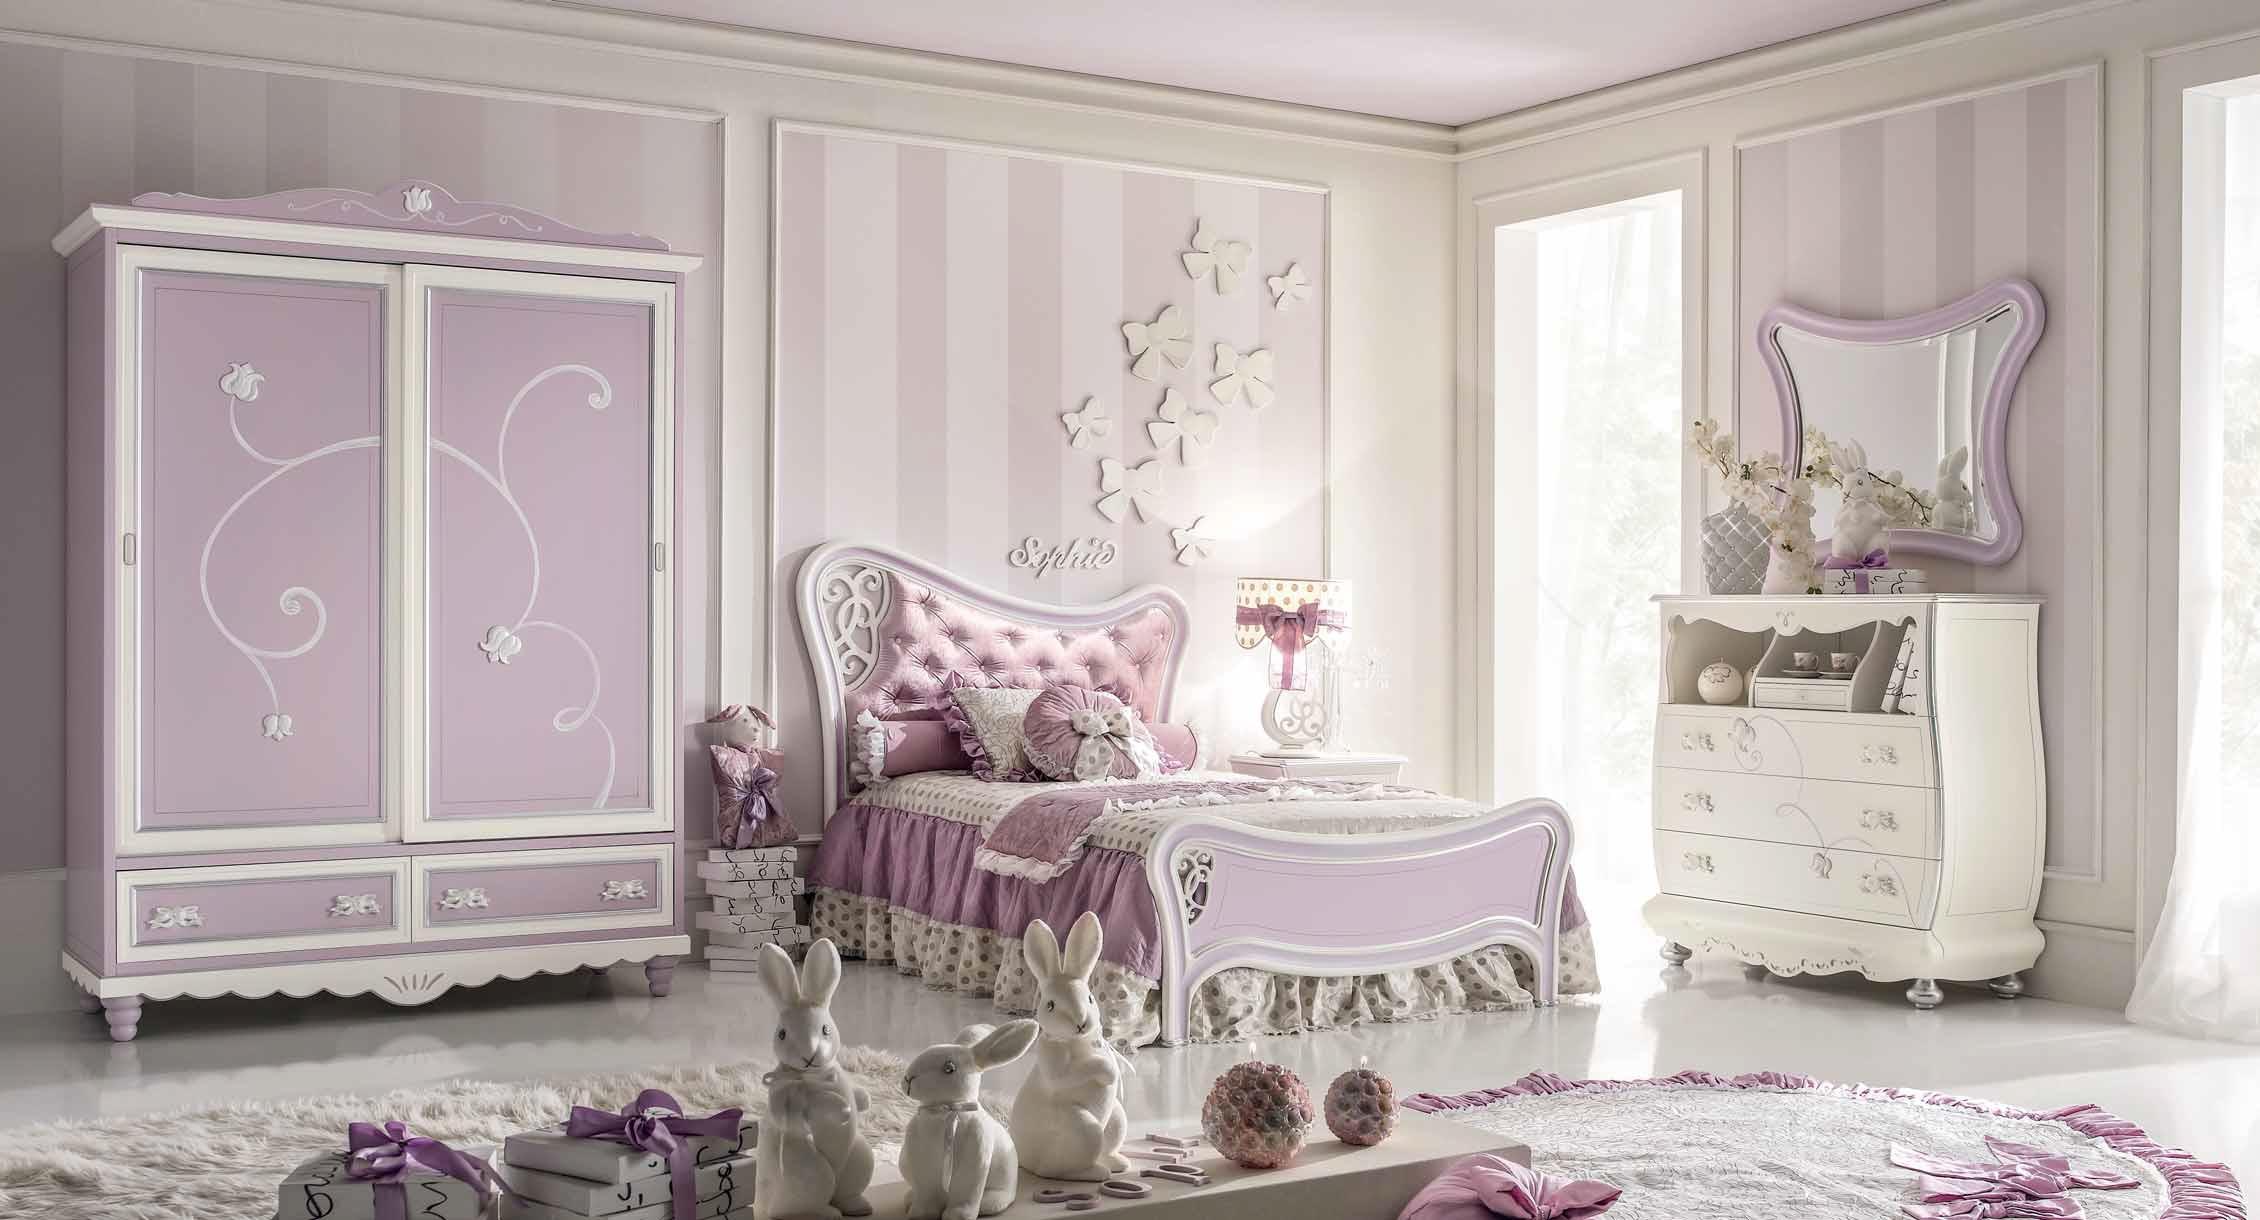 Wyjątkowa I Fantazyjna Sypialnia Dla Dziewczynek